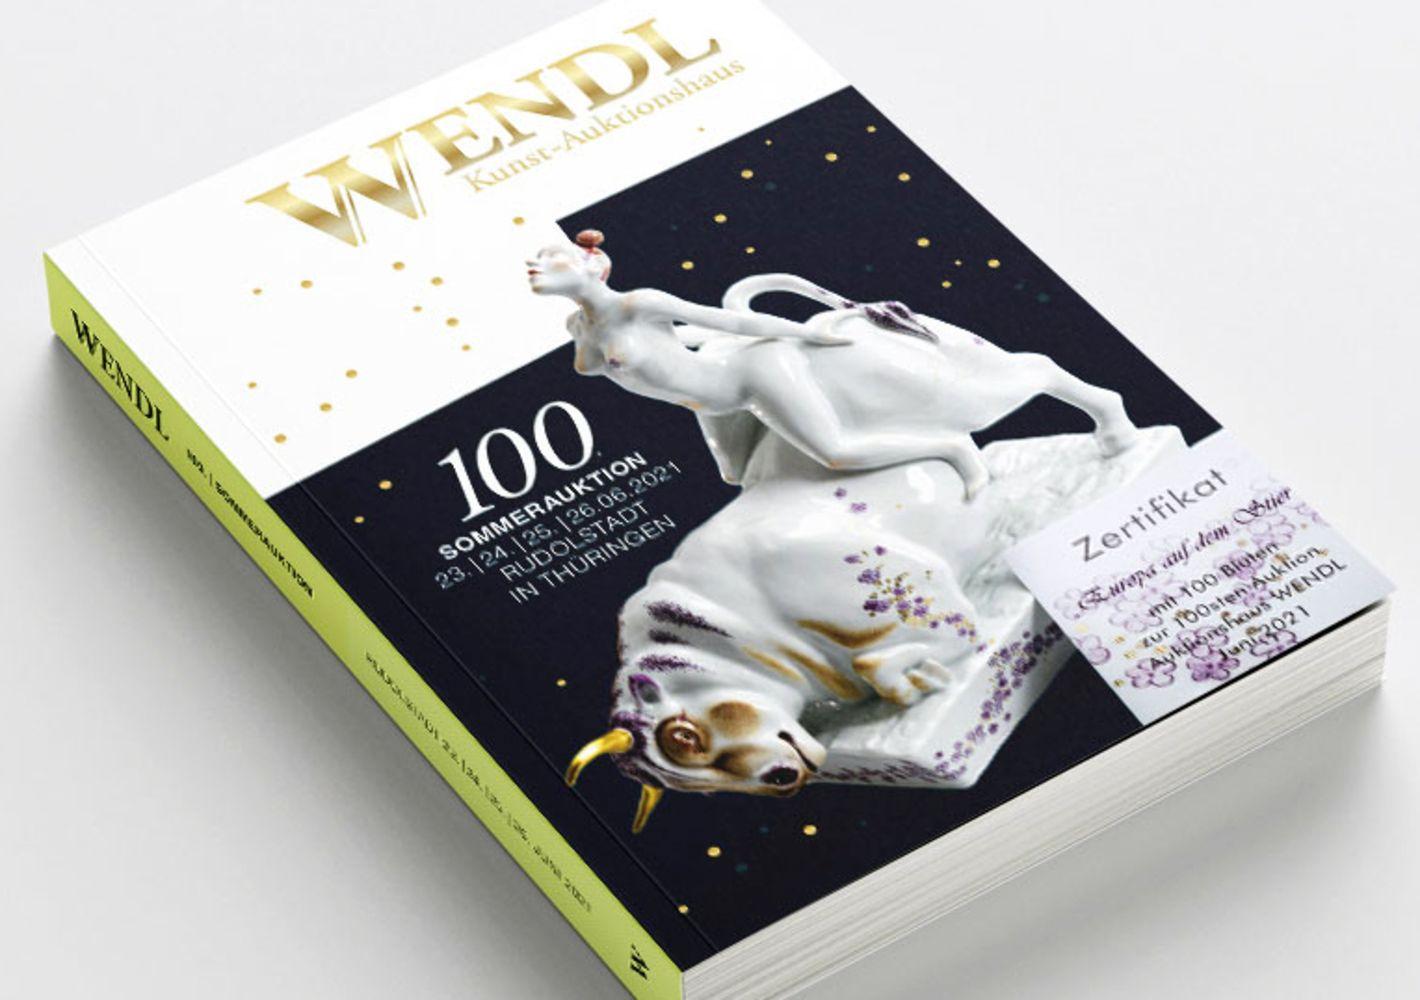 100.| Sommerauktion - Auktionshaus Wendl